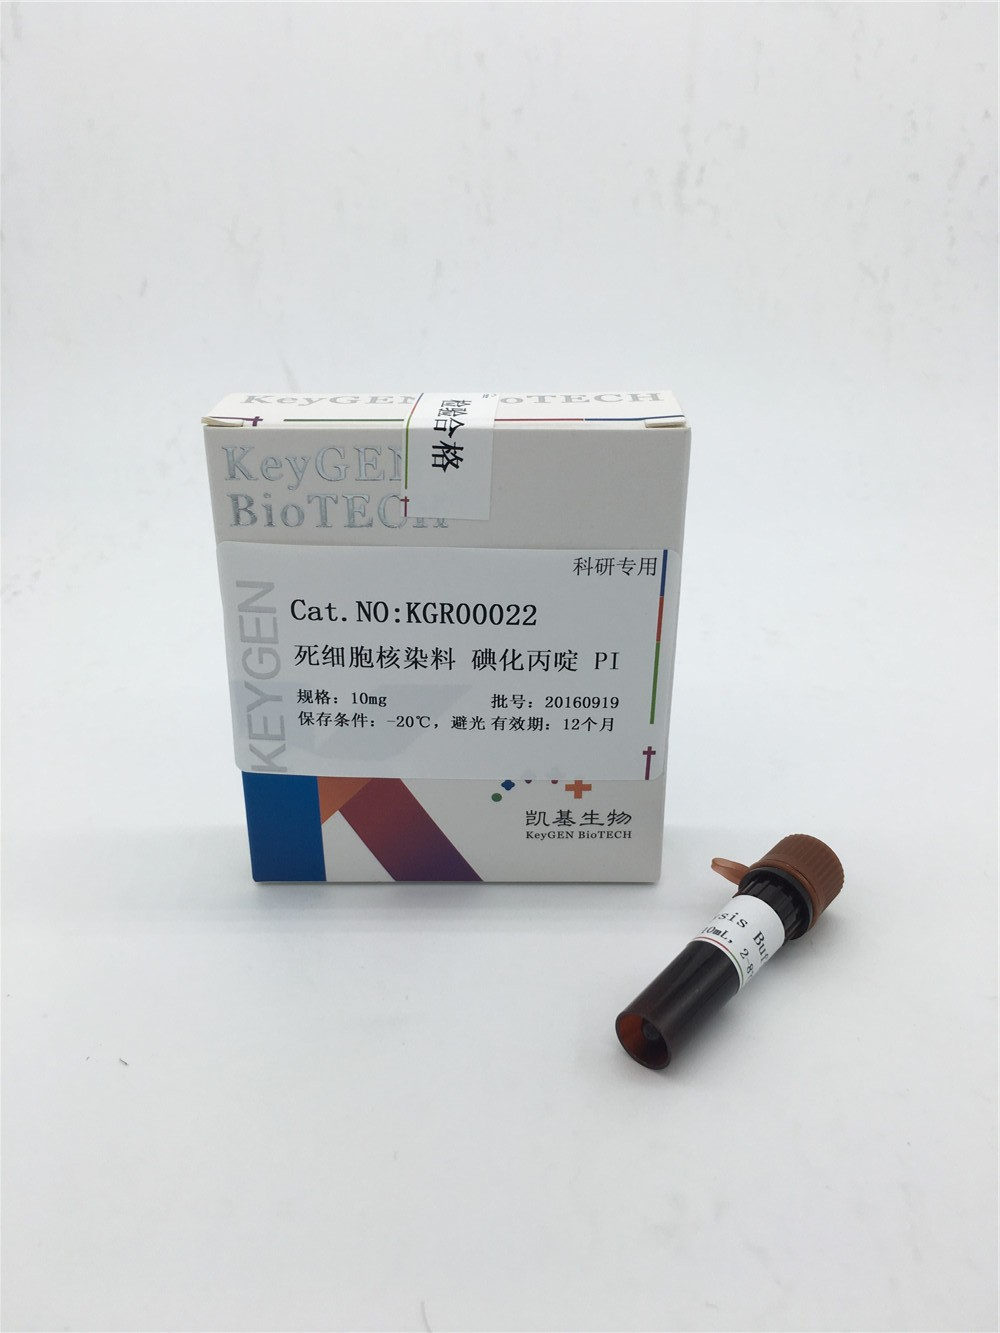 死细胞核染料 碘化丙啶 PI,分析纯